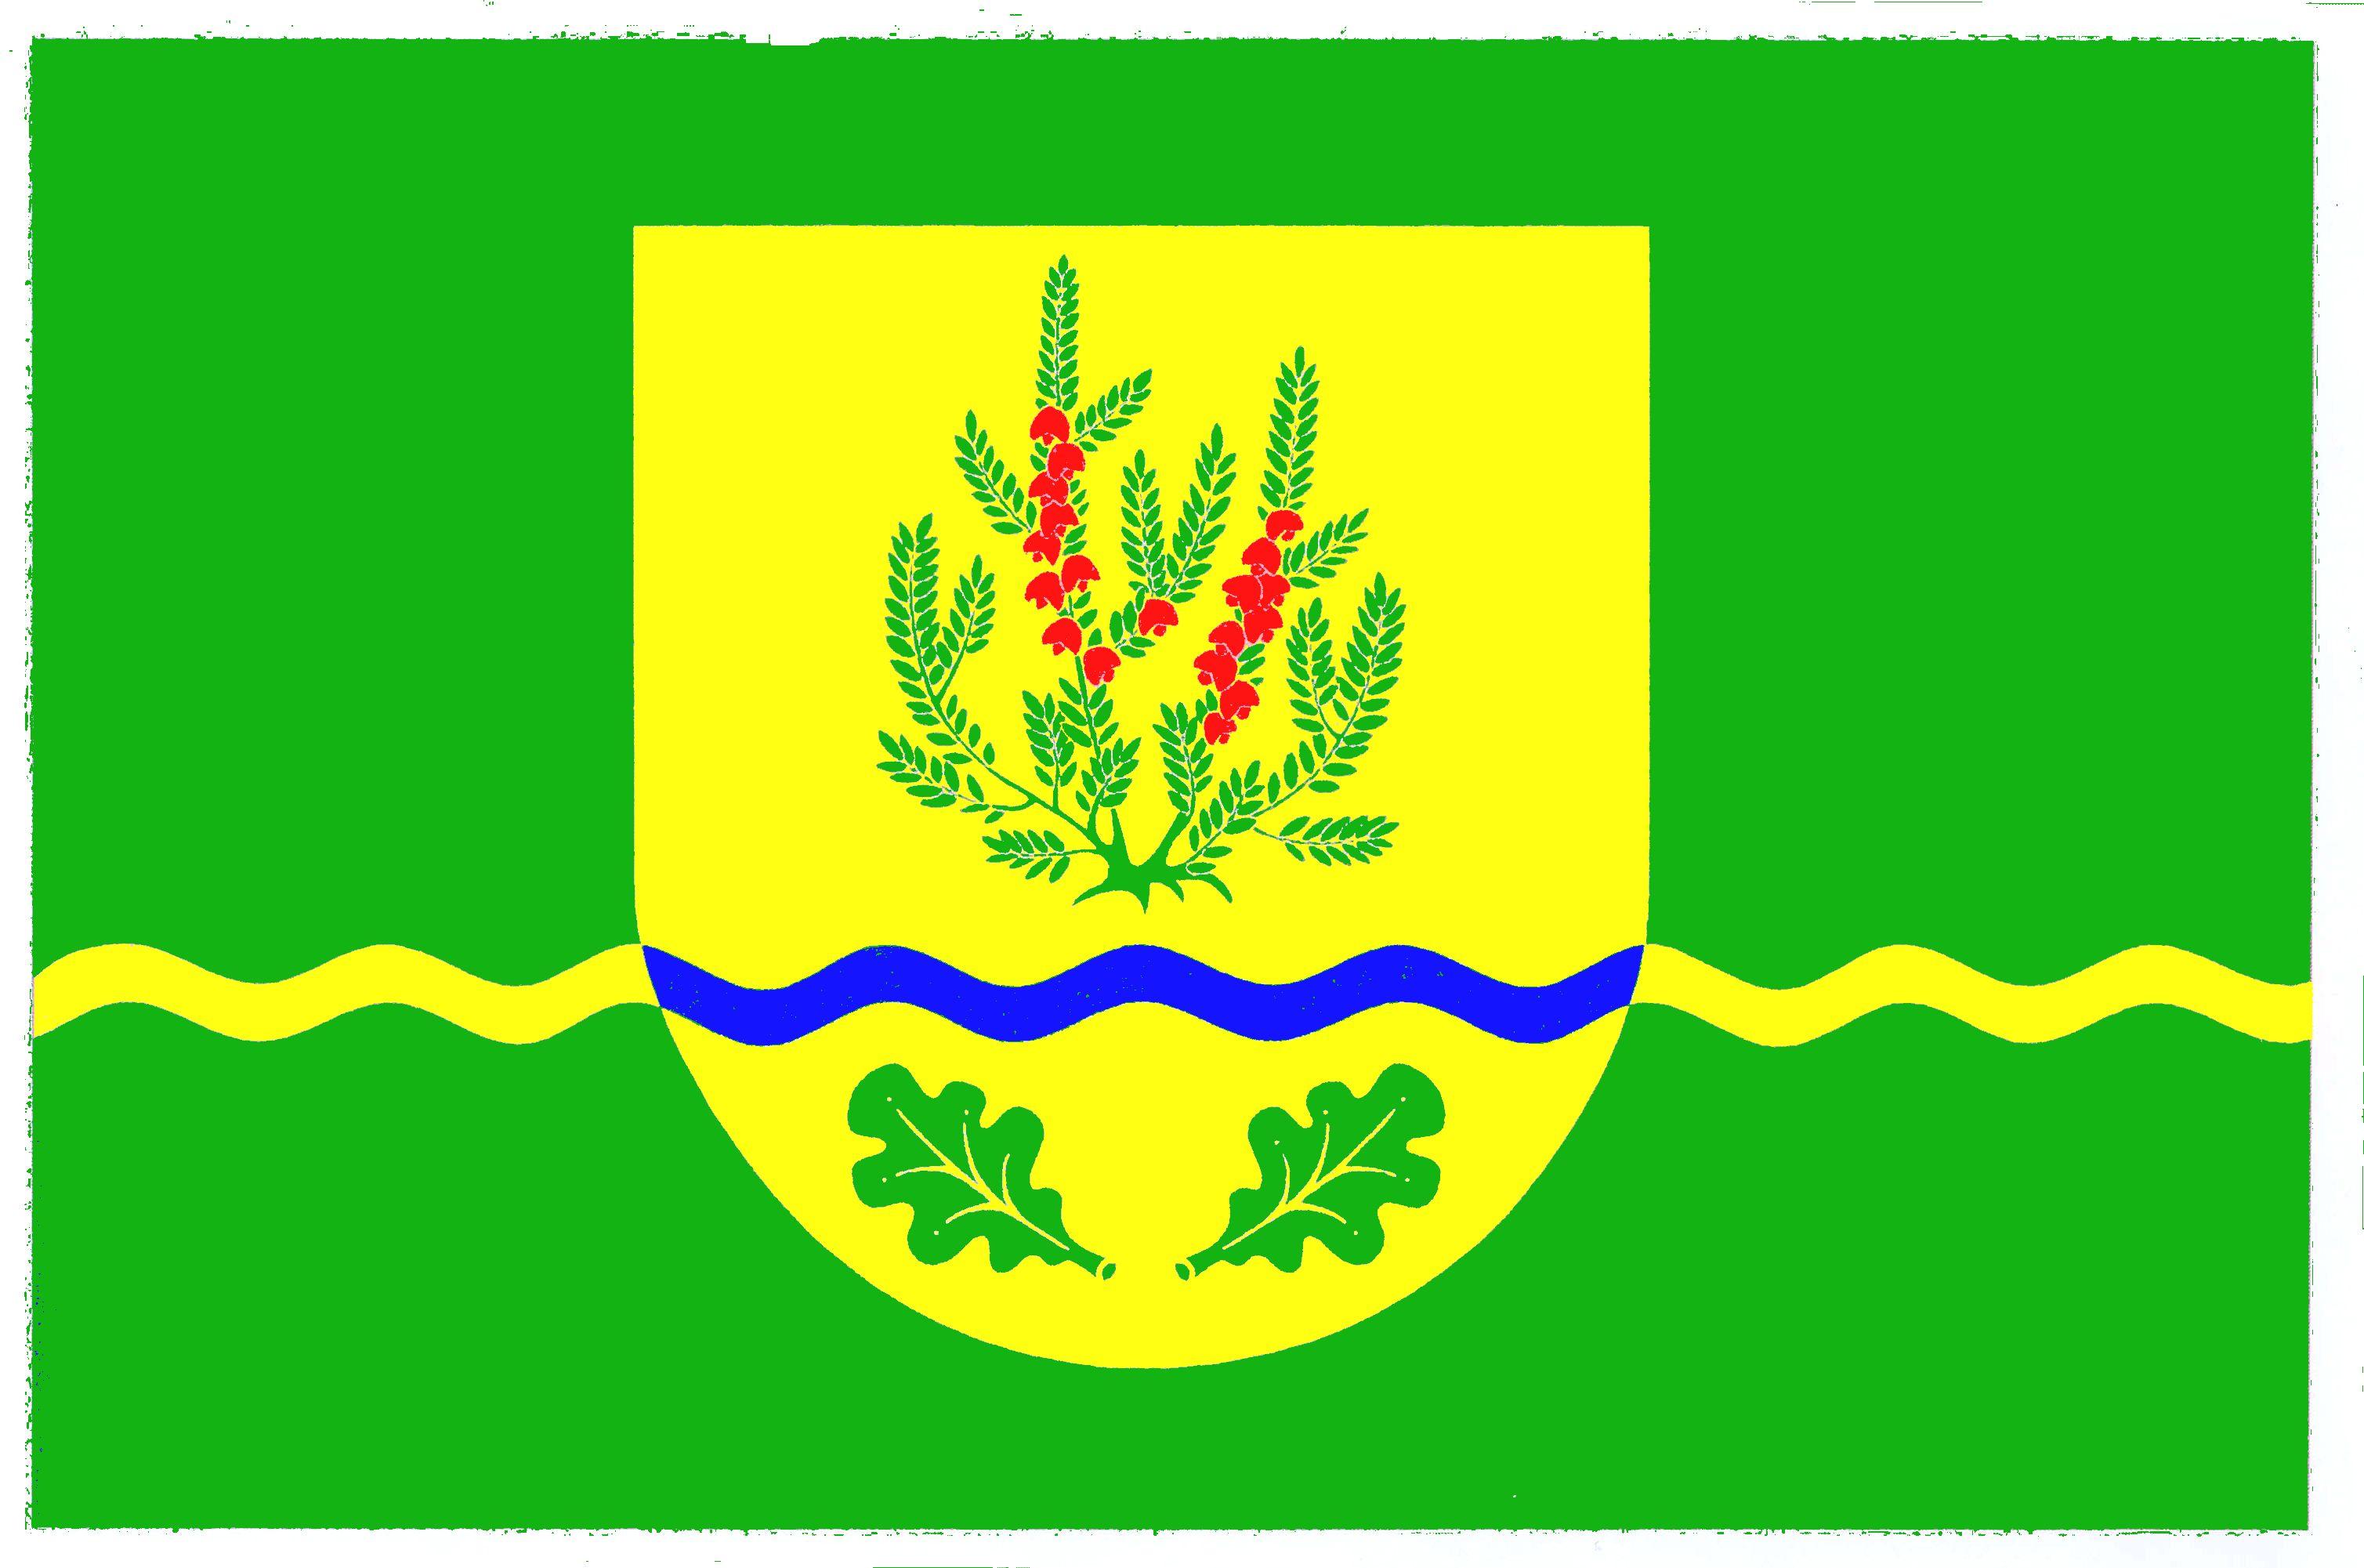 Flagge GemeindeHeede, Kreis Pinneberg